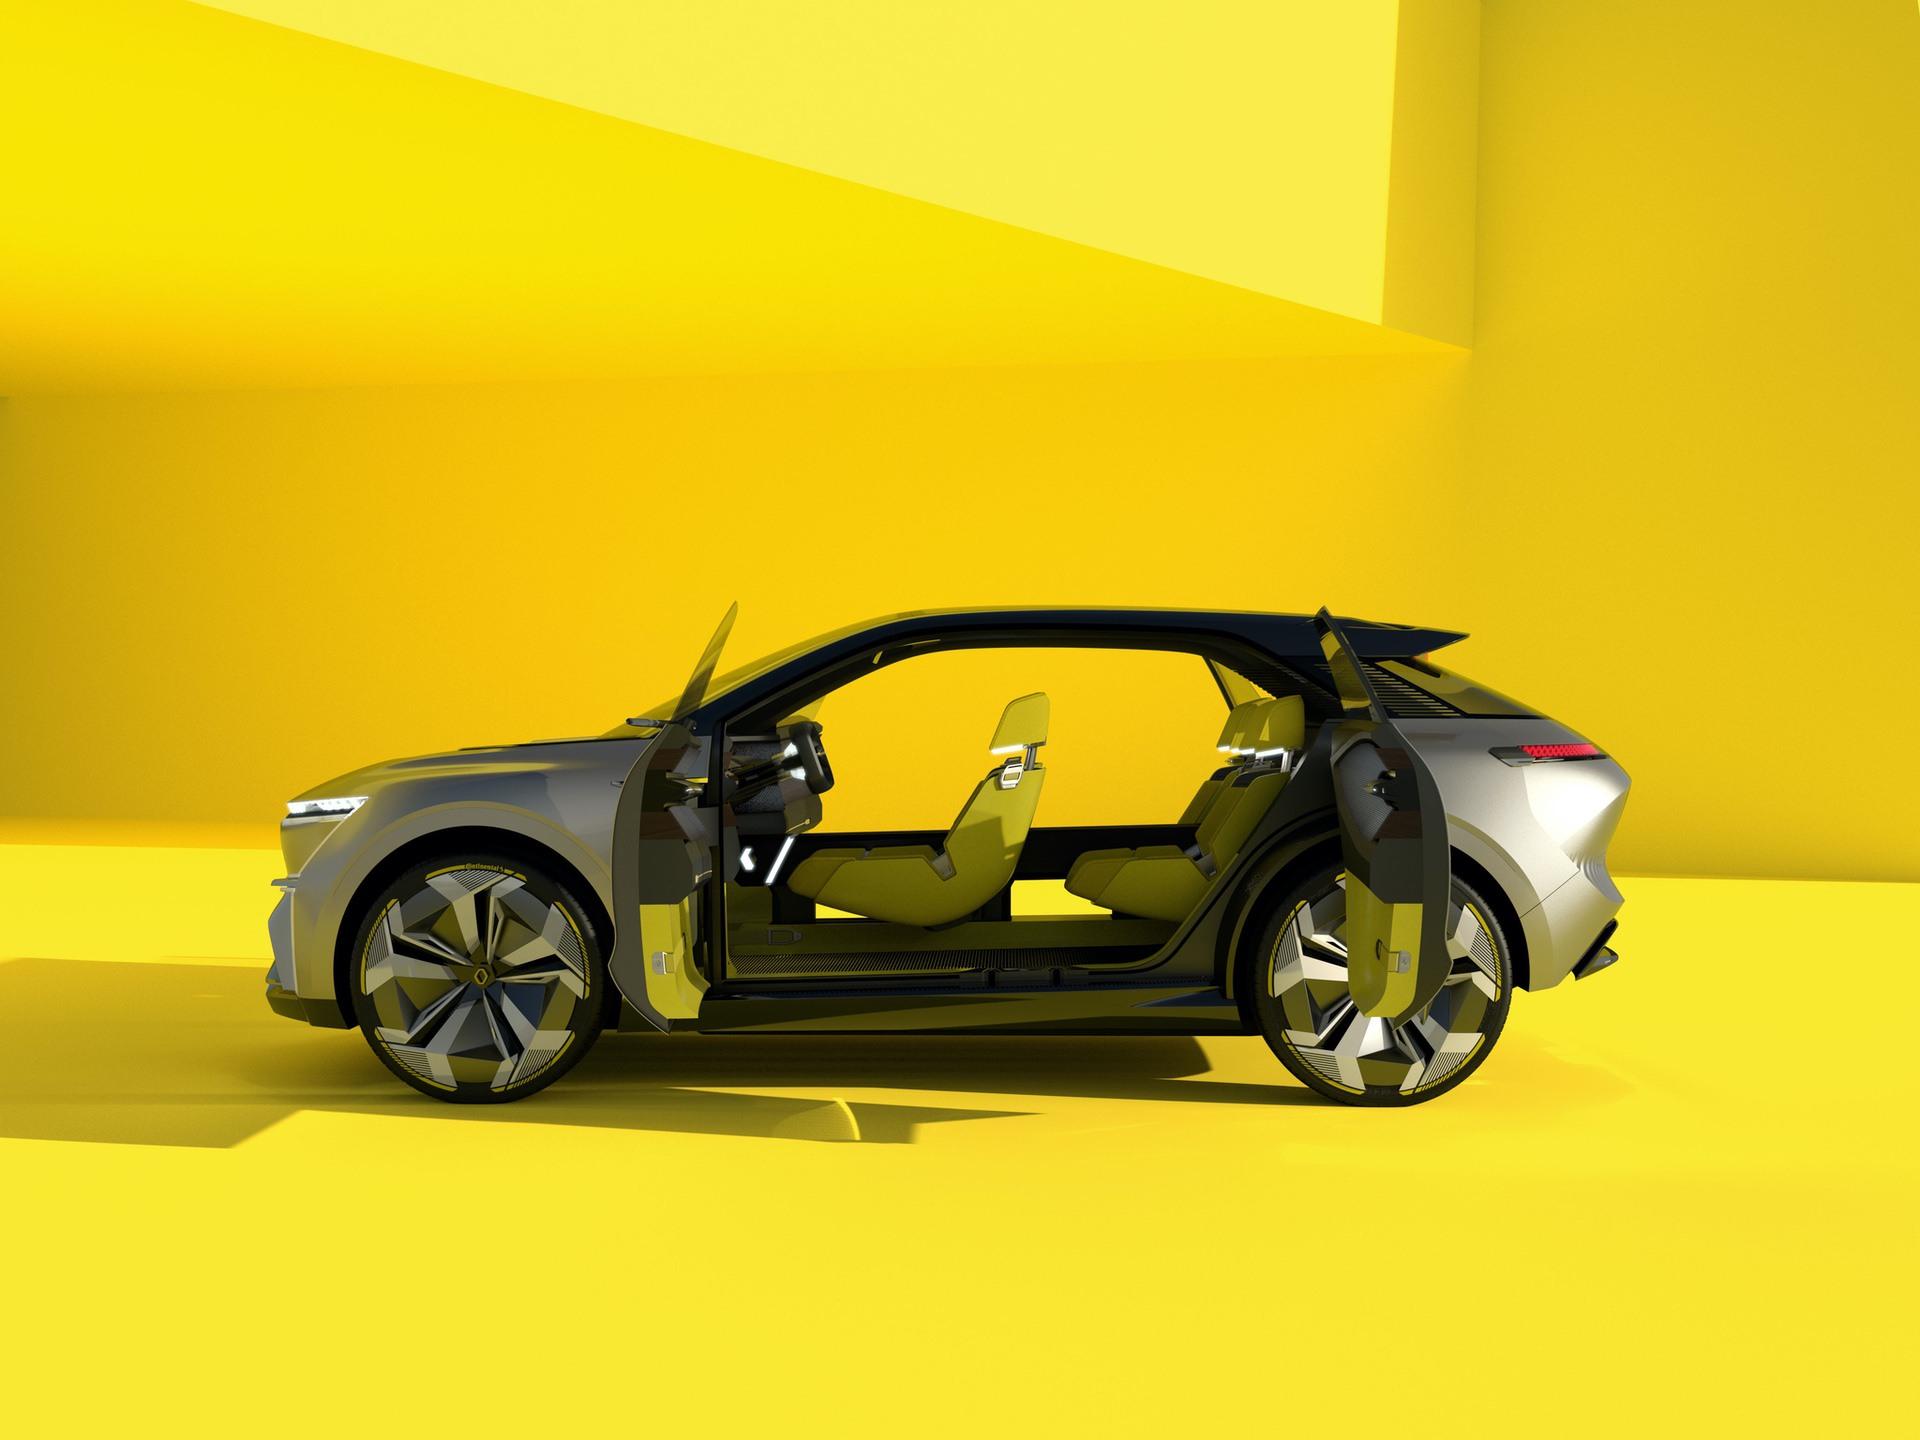 Renault_Morphoz_concept_0023